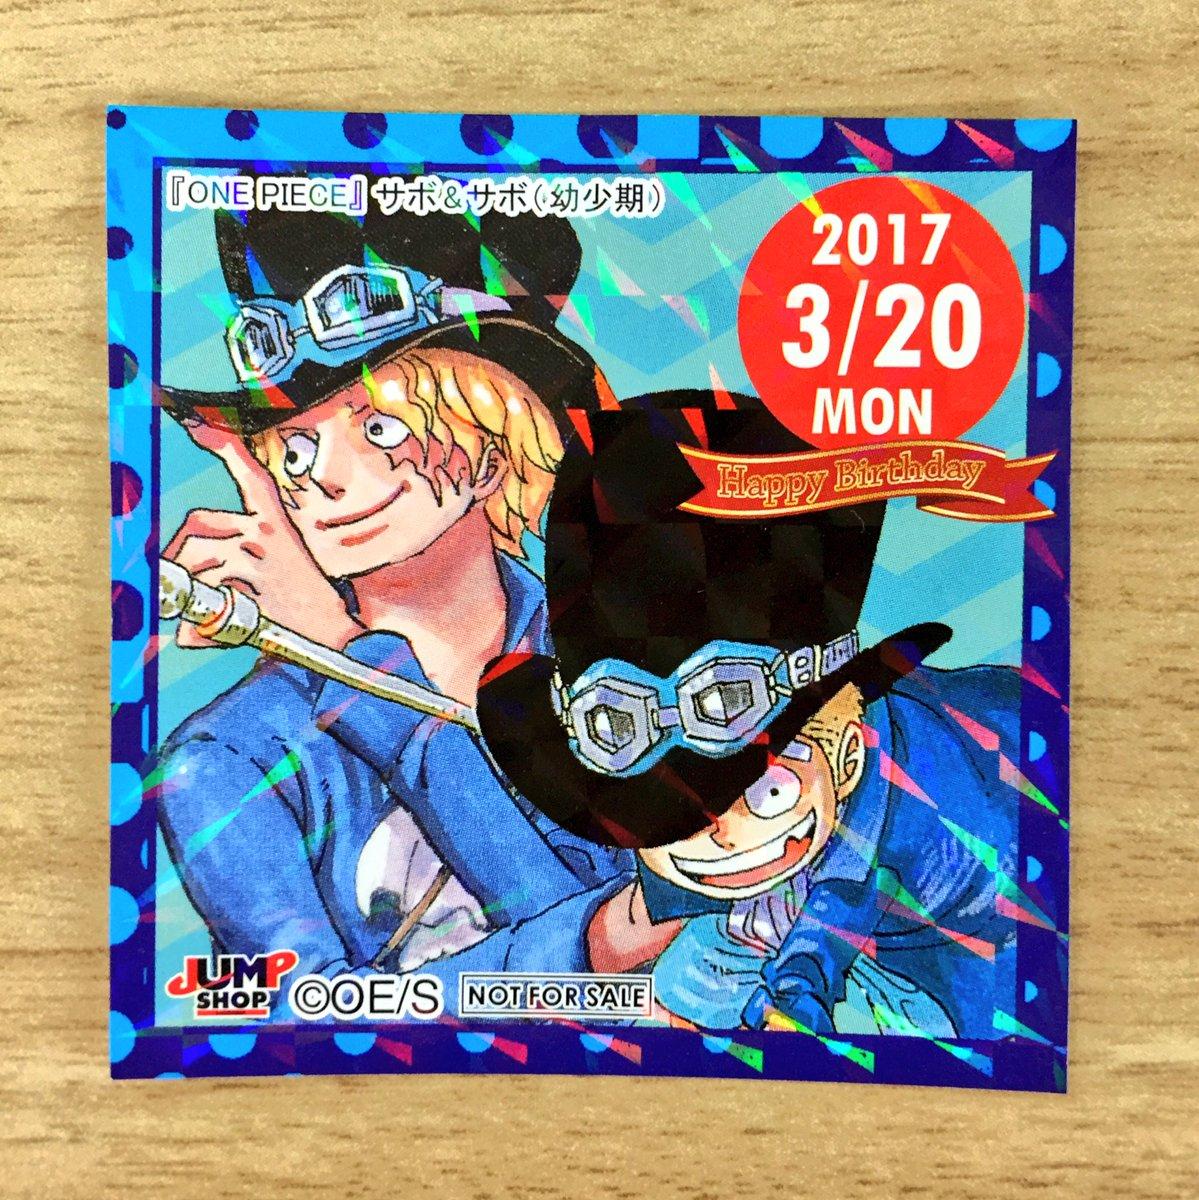 3/20(月)の365日ステッカーのキャラクターは、『ONE PIECE』サボ&サボ(幼少期)!フェア期間中の3